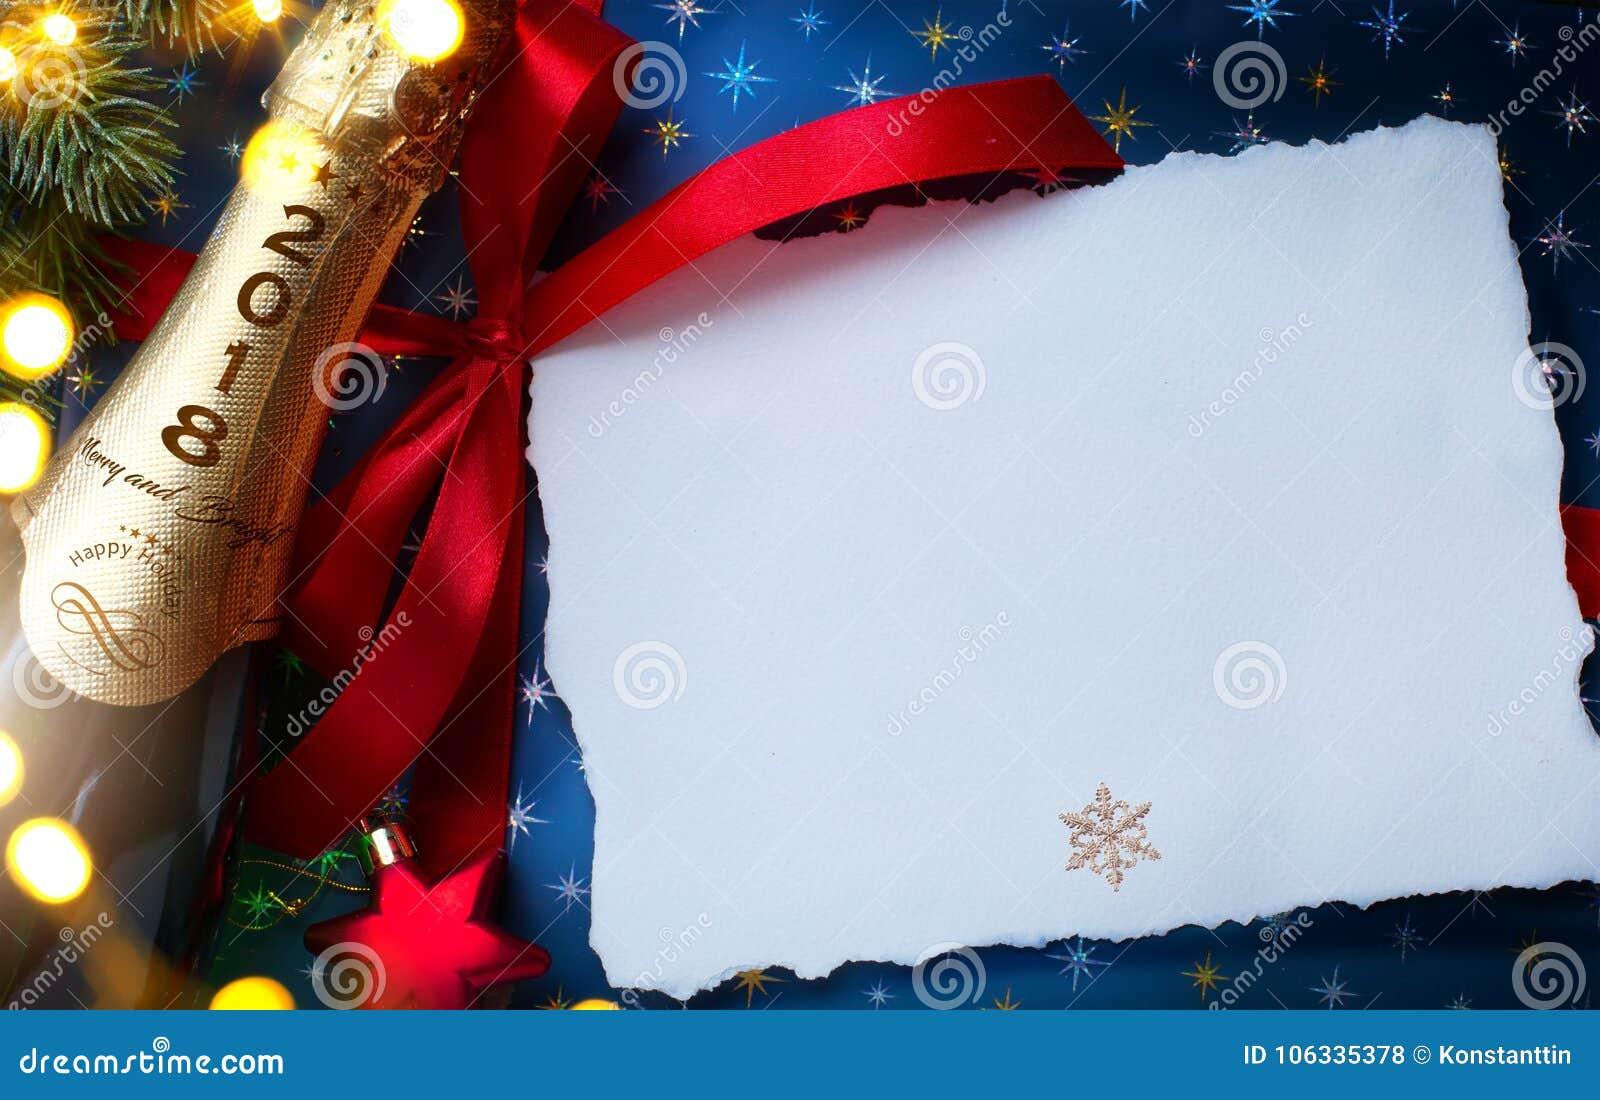 2018; Feliz Natal e ano novo feliz; backgrou festivo do partido